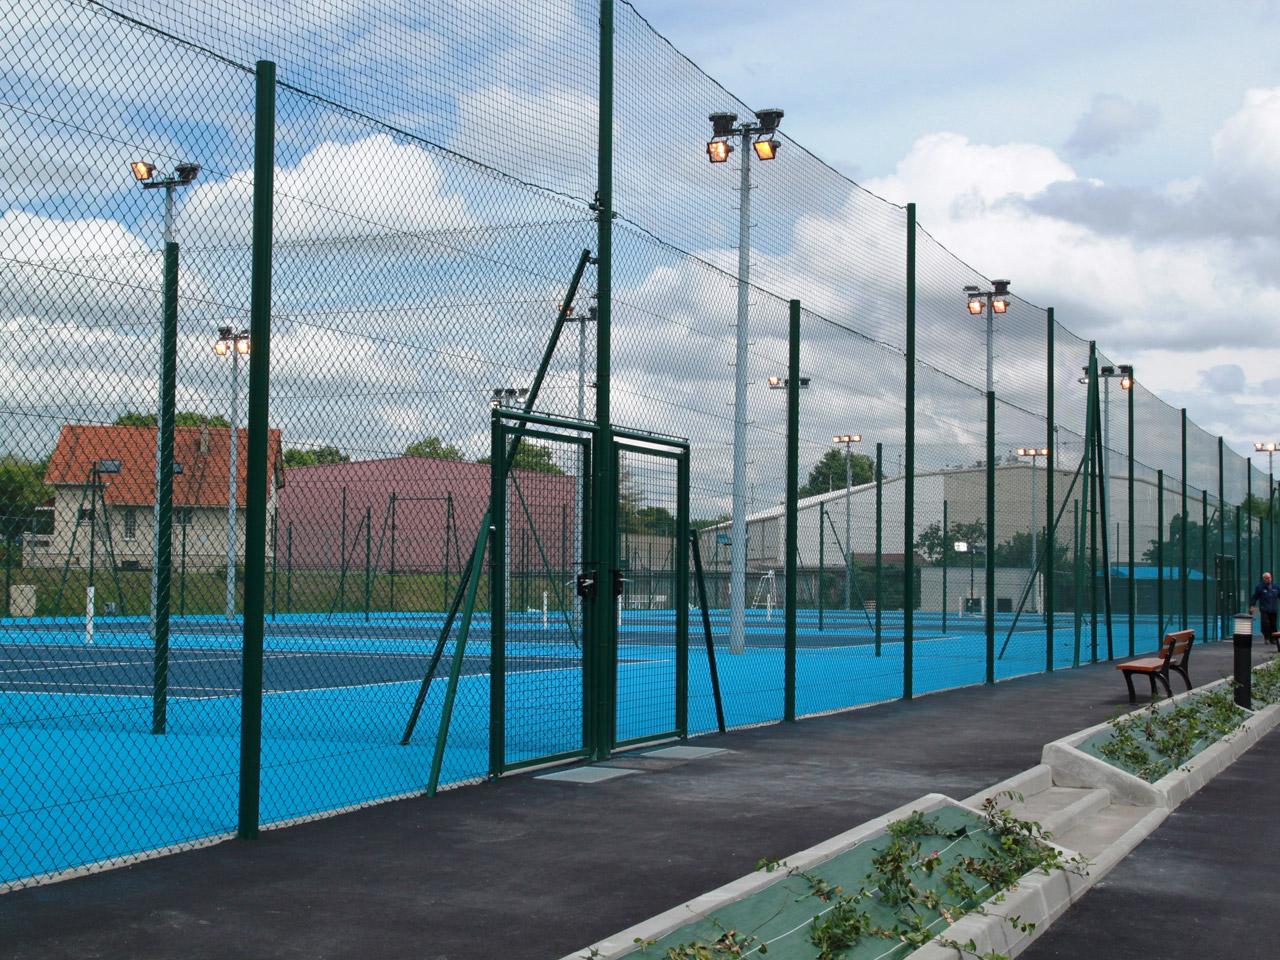 Tennis Club Ivry – Ivry sur Seine 94